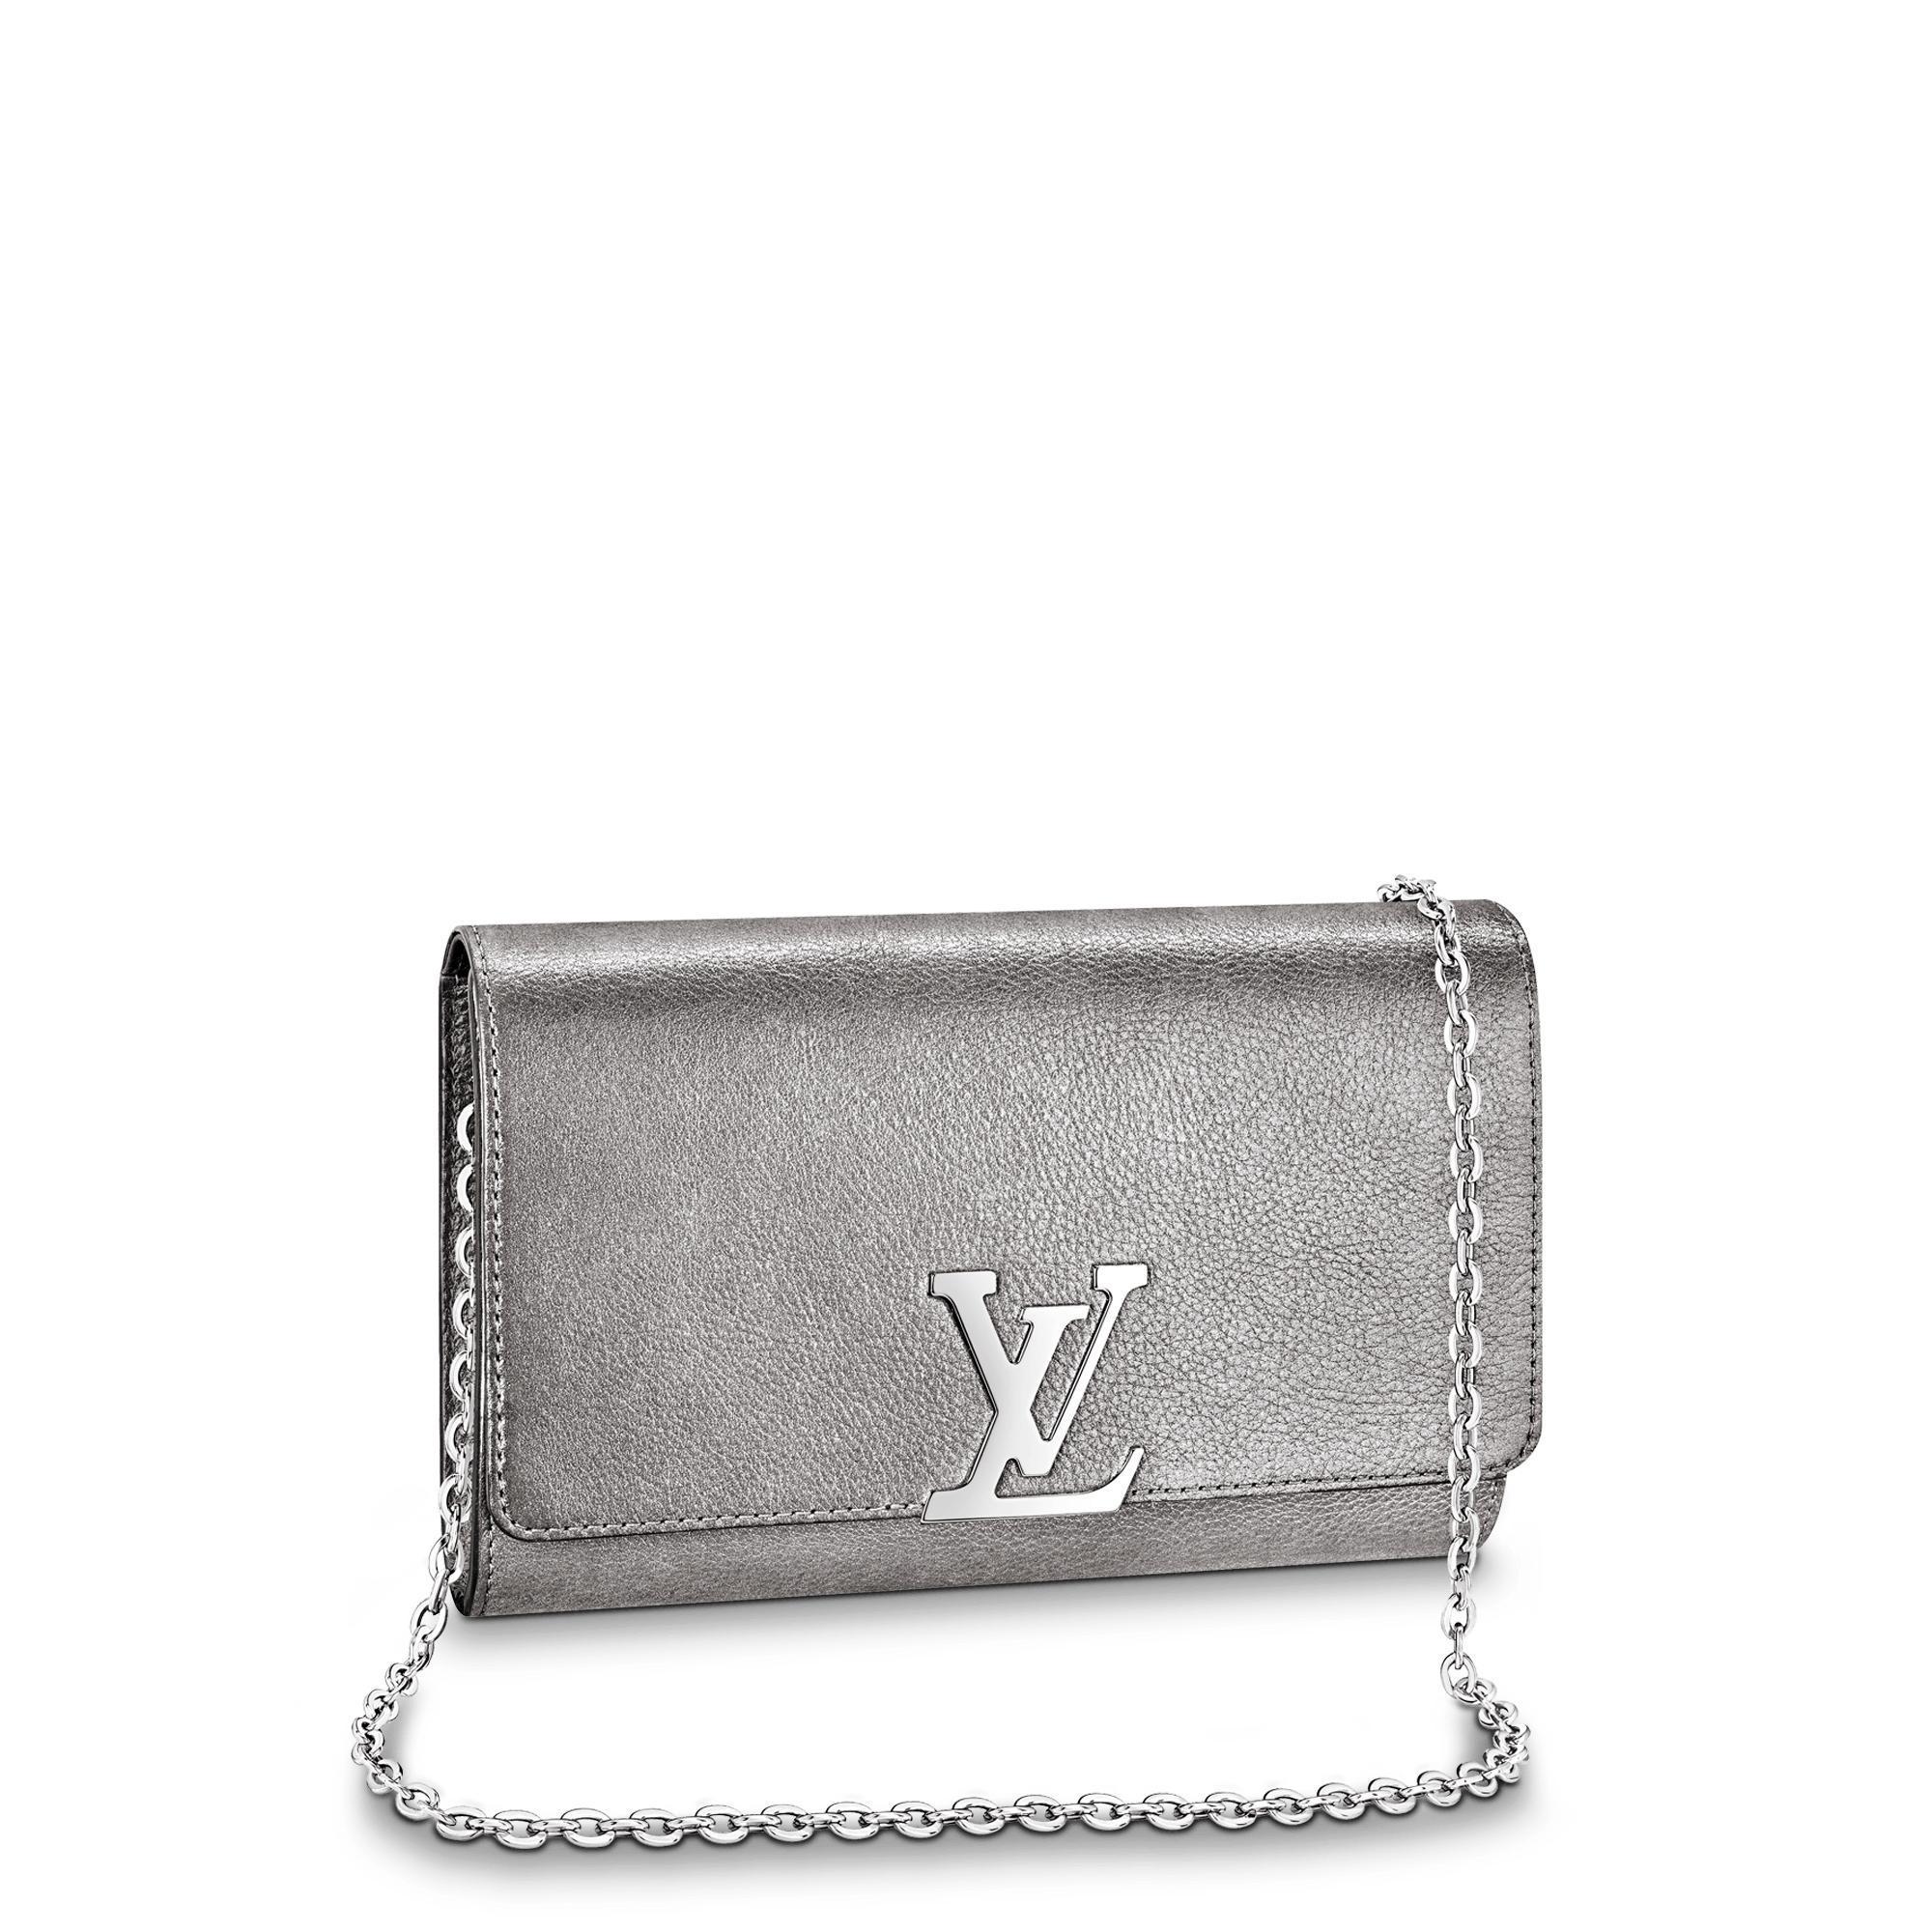 b4fc08013753 Louis Vuitton Chain Louise Gm